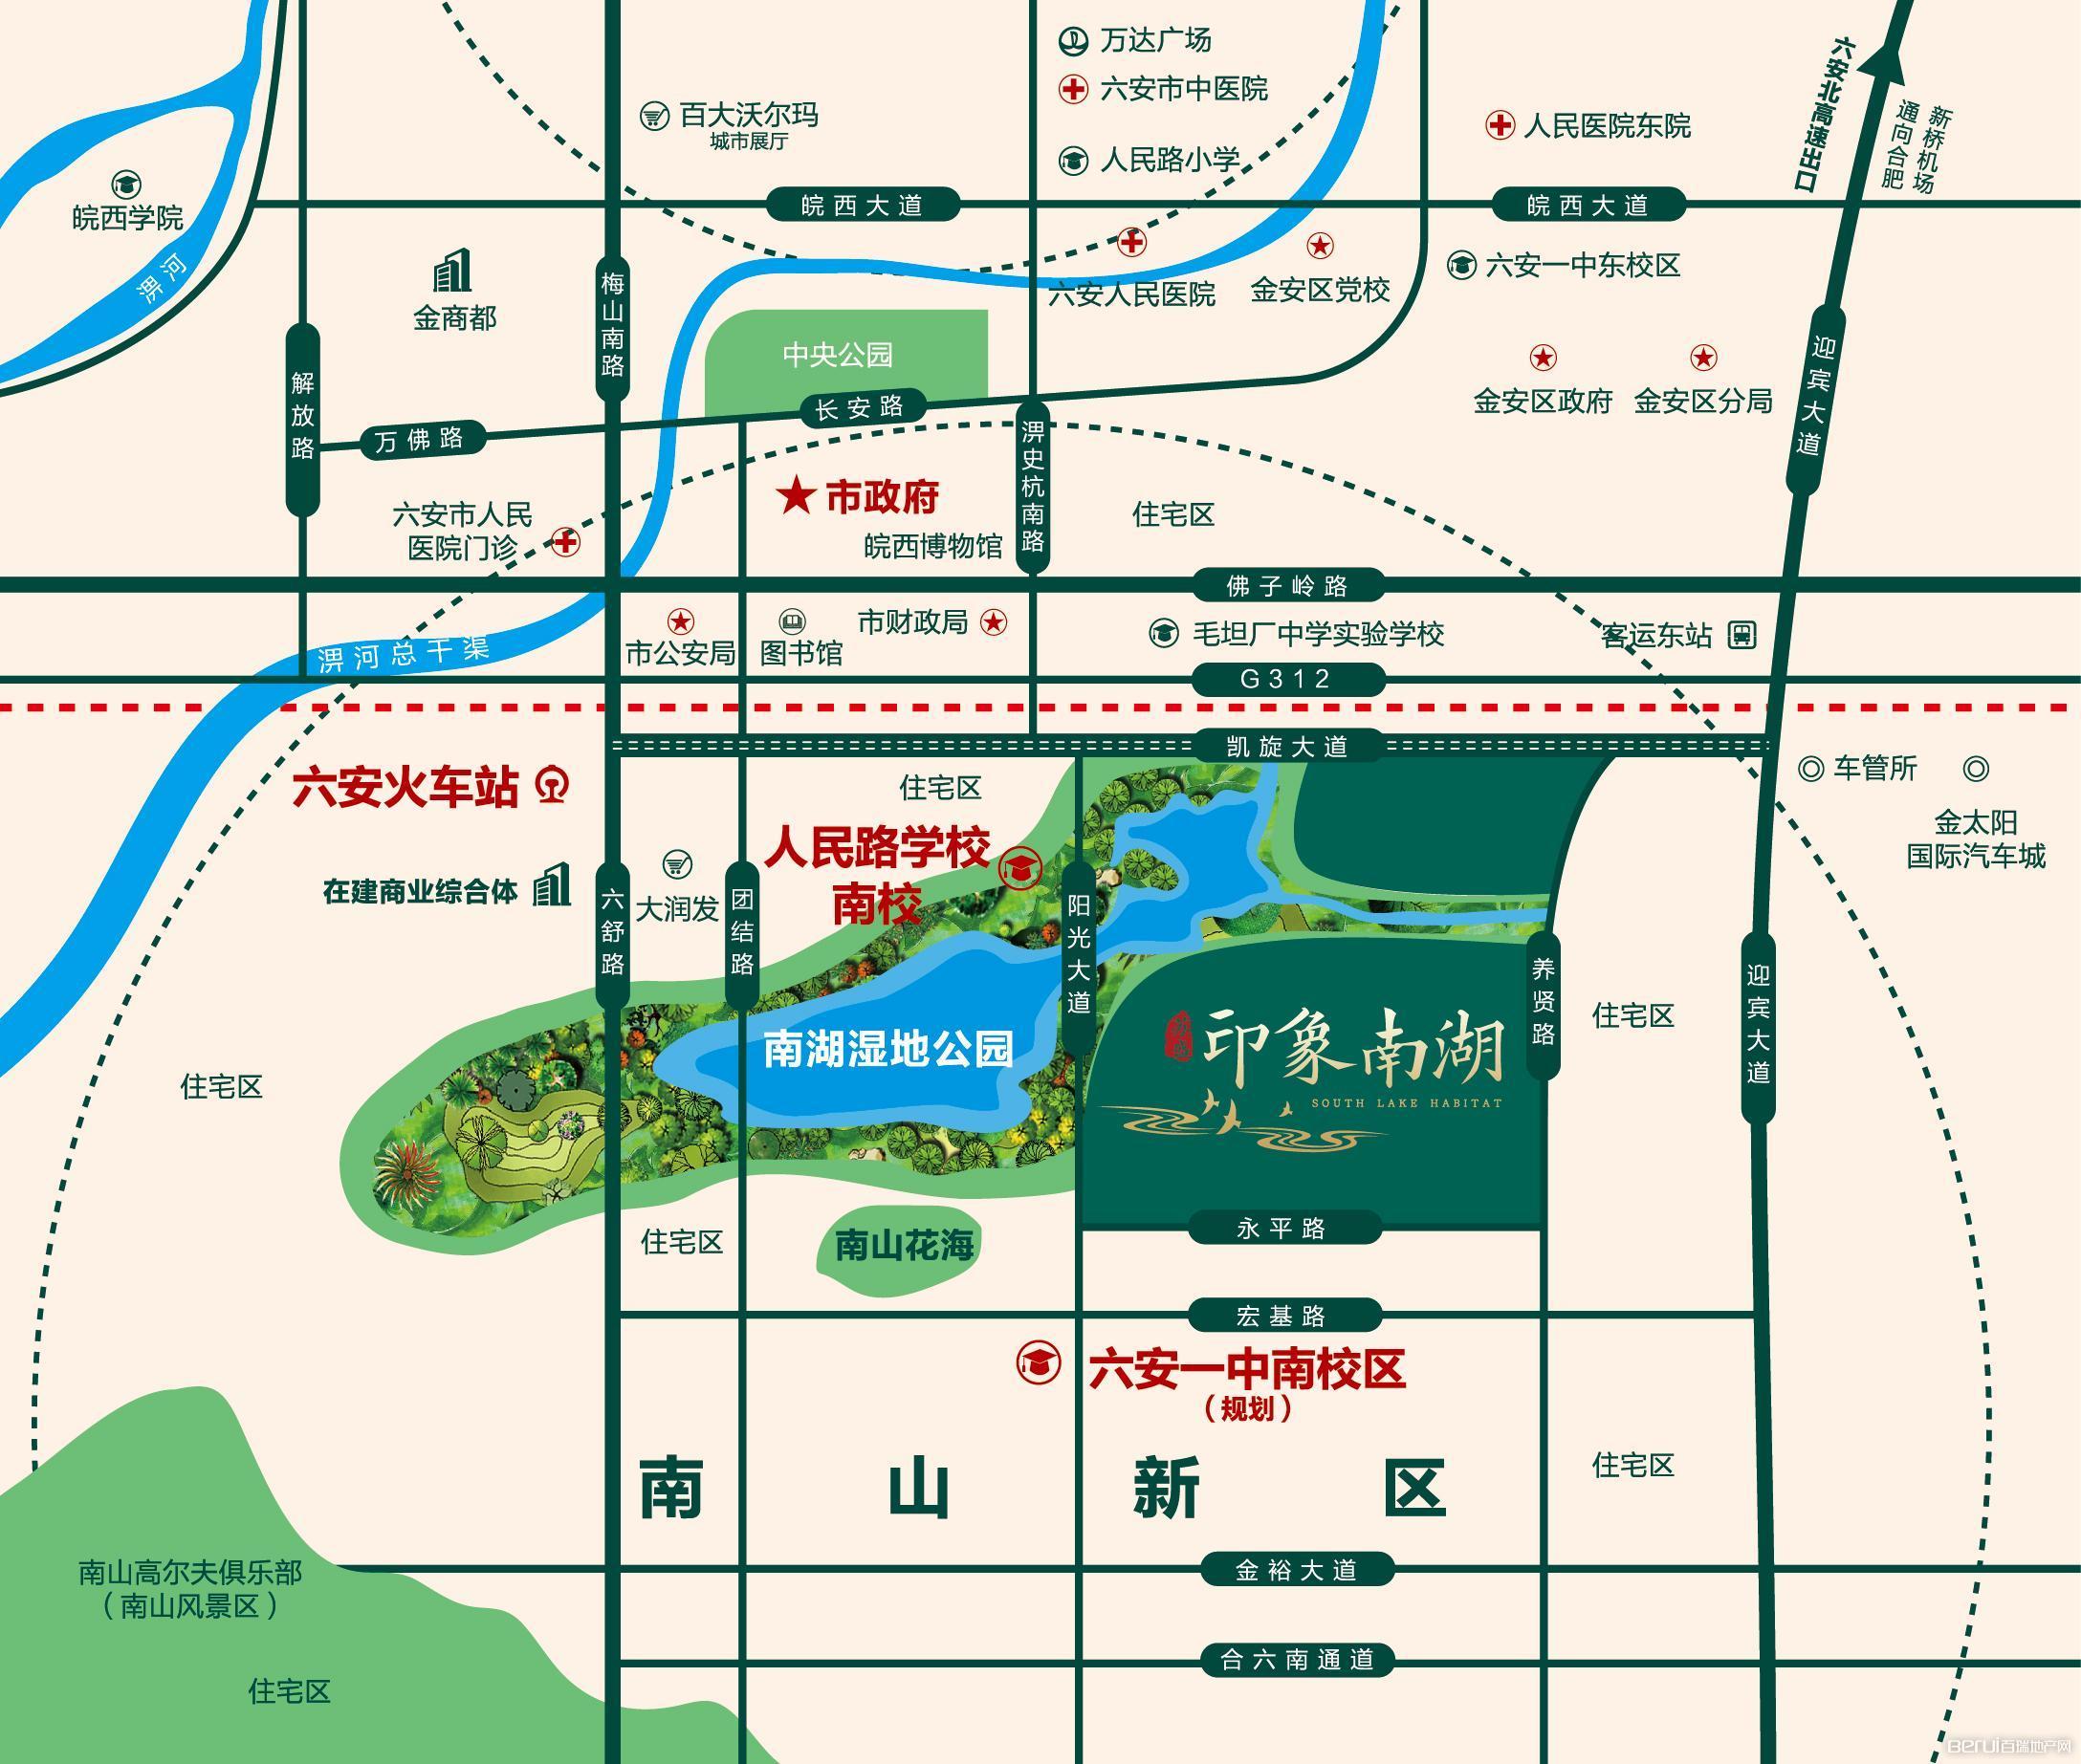 苏盛·印象南湖交通图